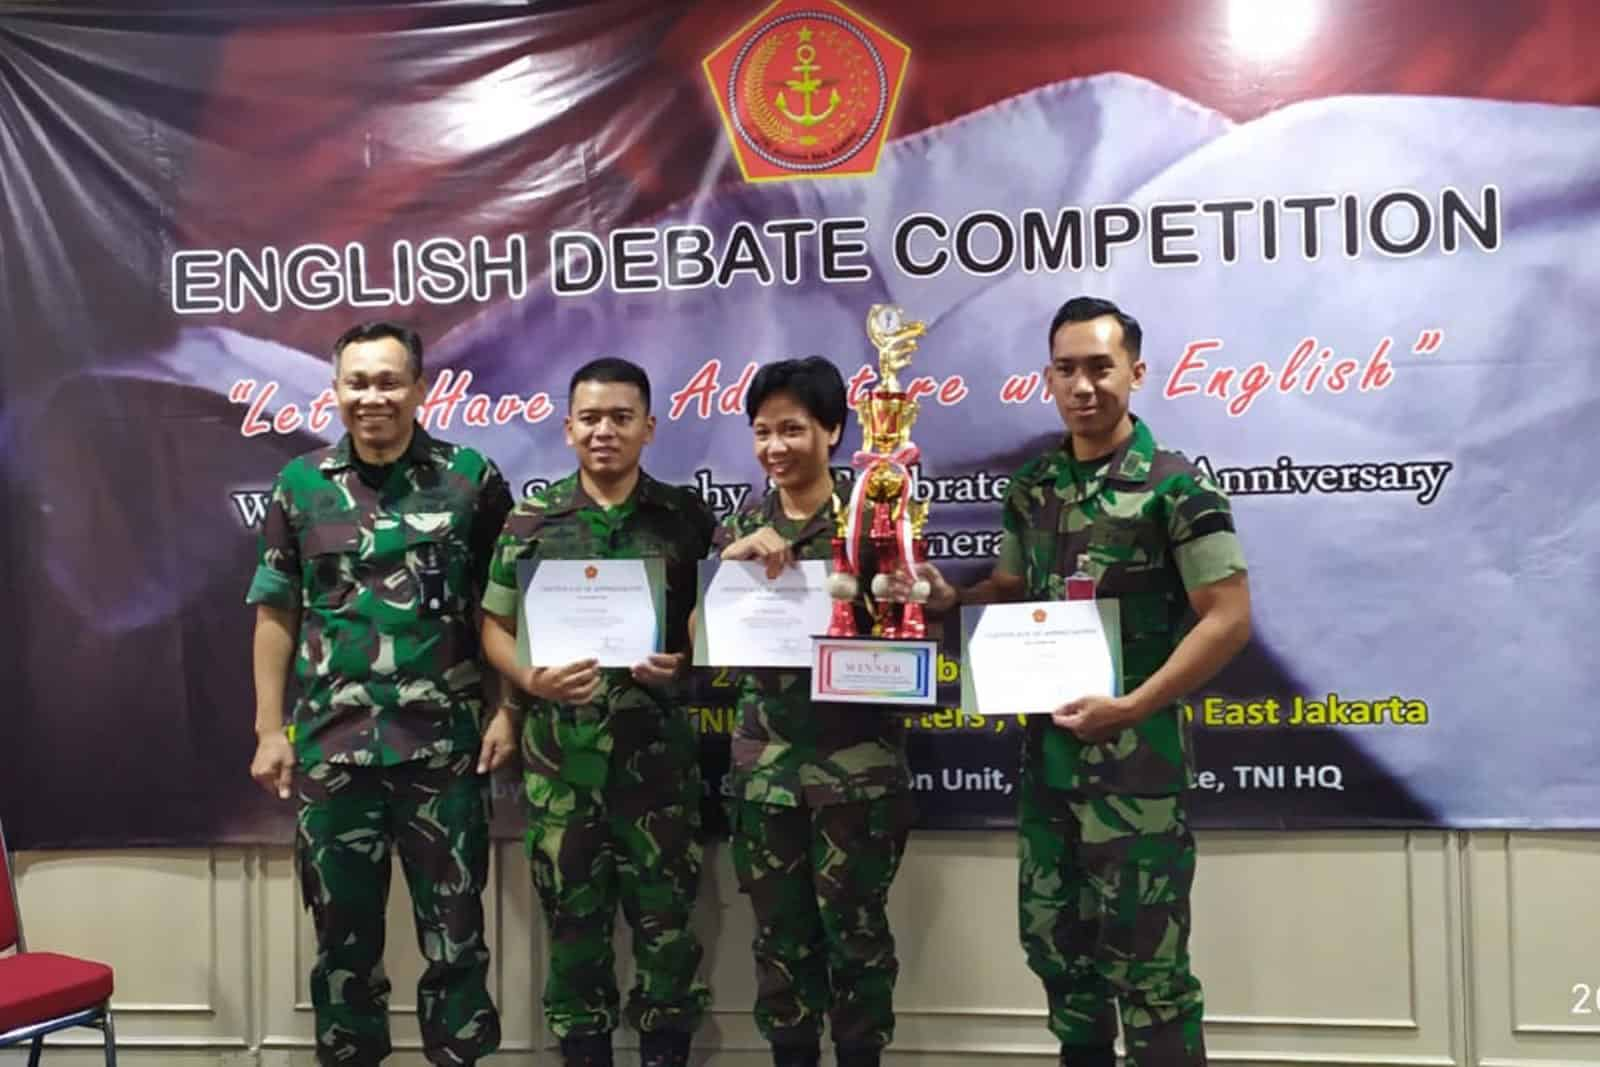 Anggota Skadron Udara 45, Juara 1 Lomba Debat Bahasa Inggris